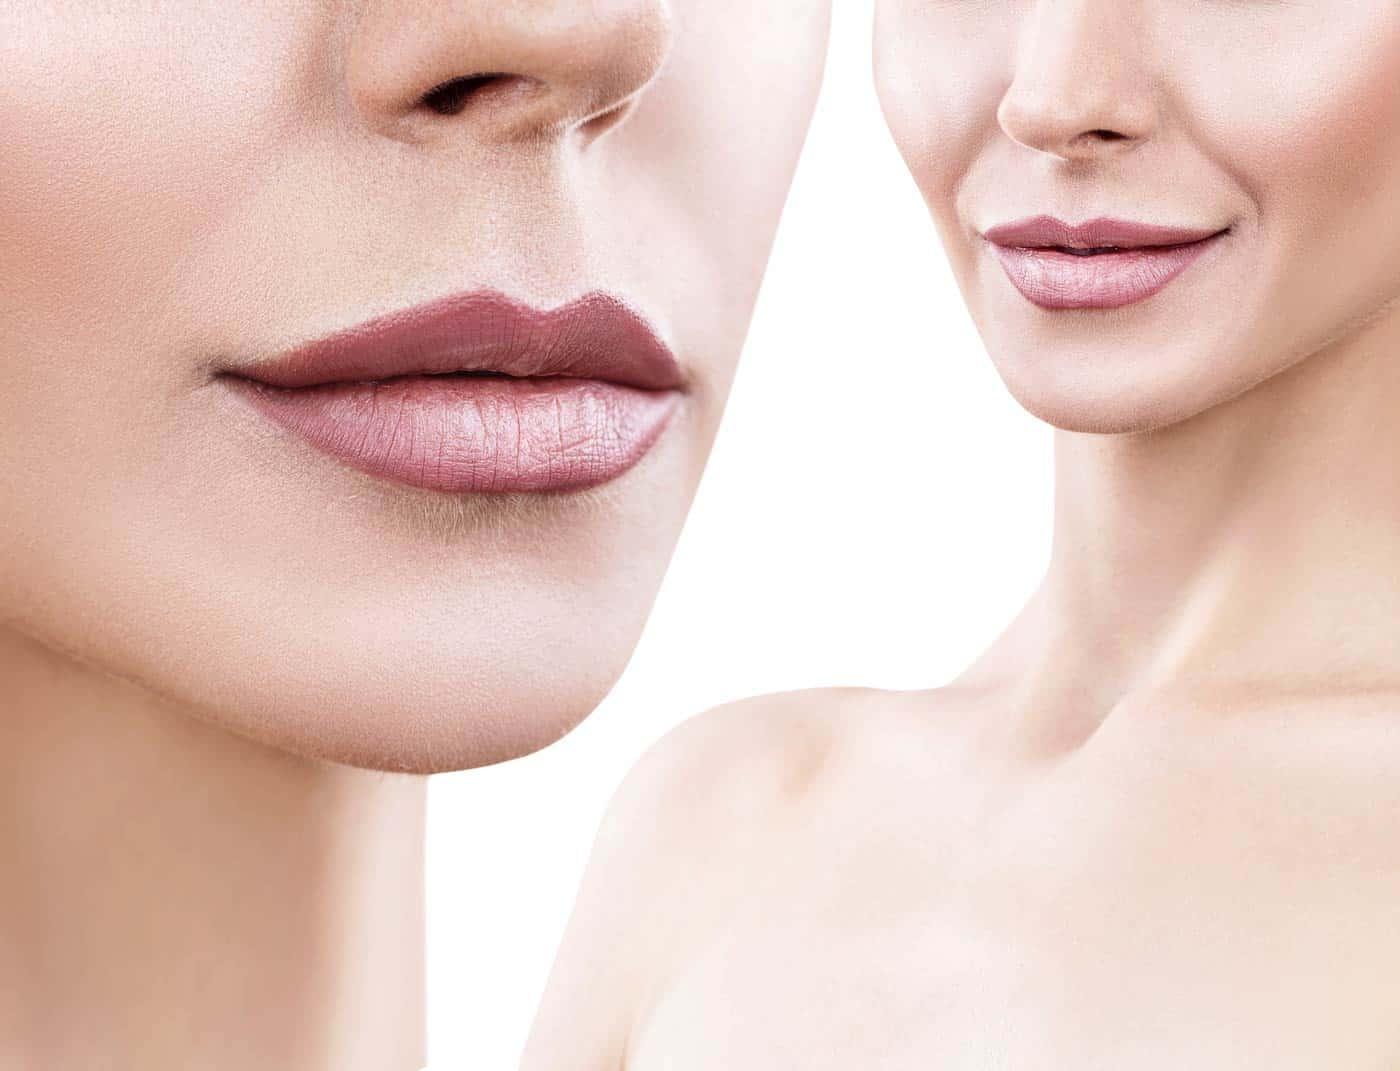 Proizvodi za povećanje usana